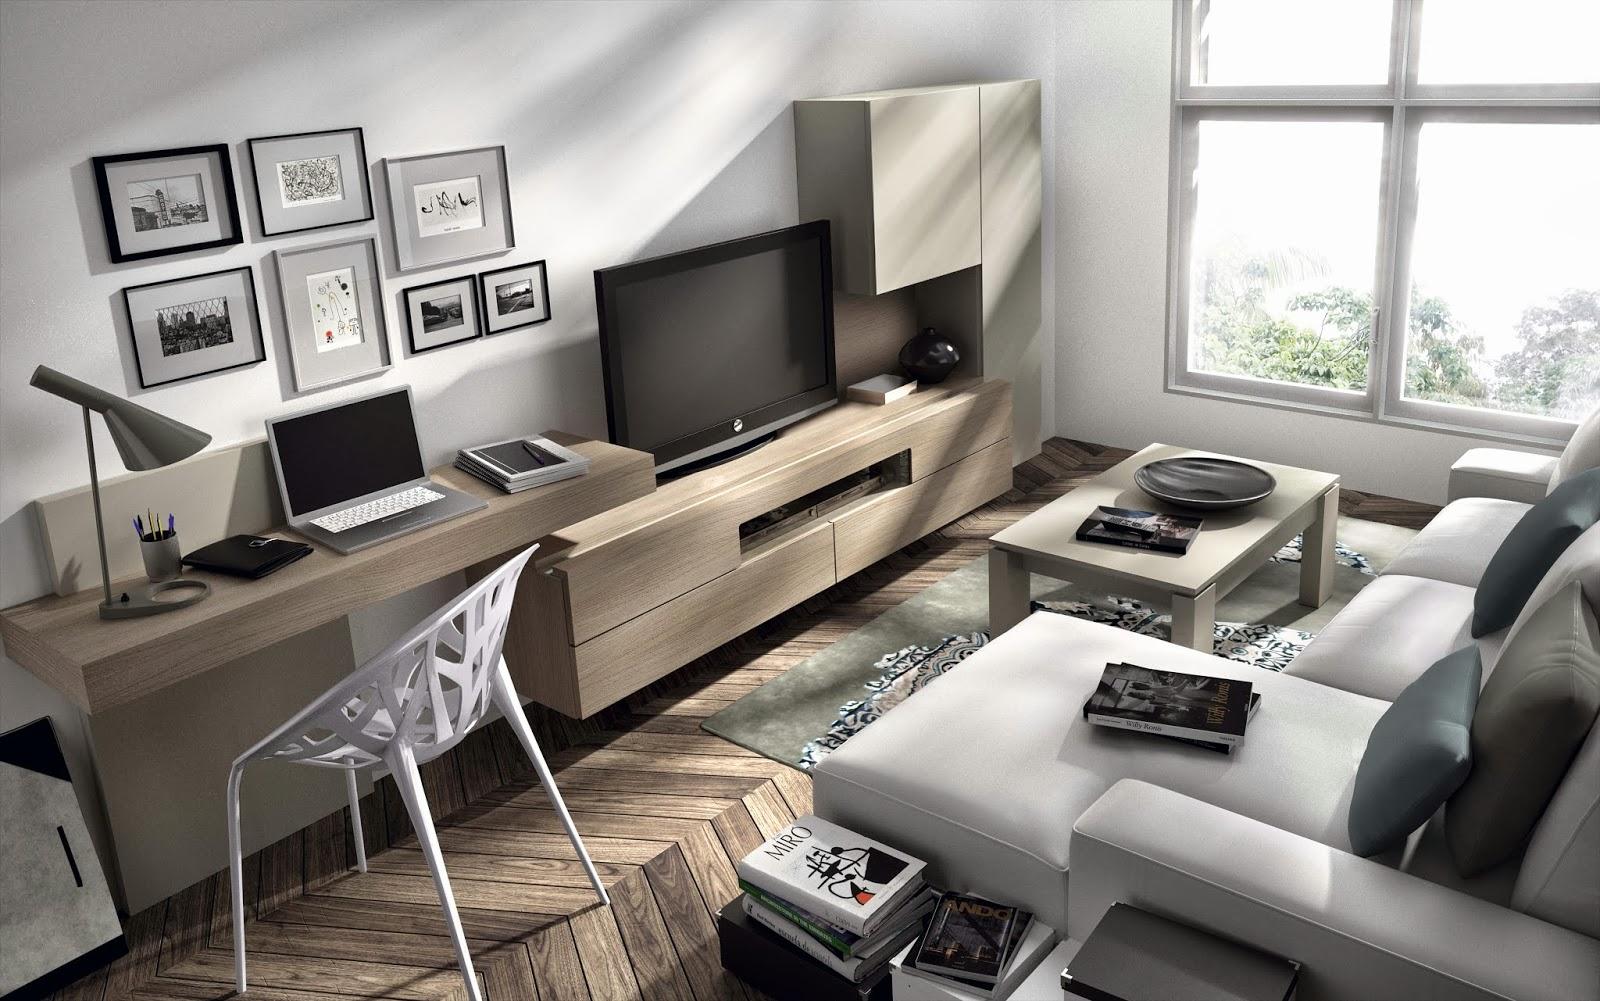 Informaci n de mobiliario opini n de producto colecci n de salones modernos natural de - Muebles para ordenador ...